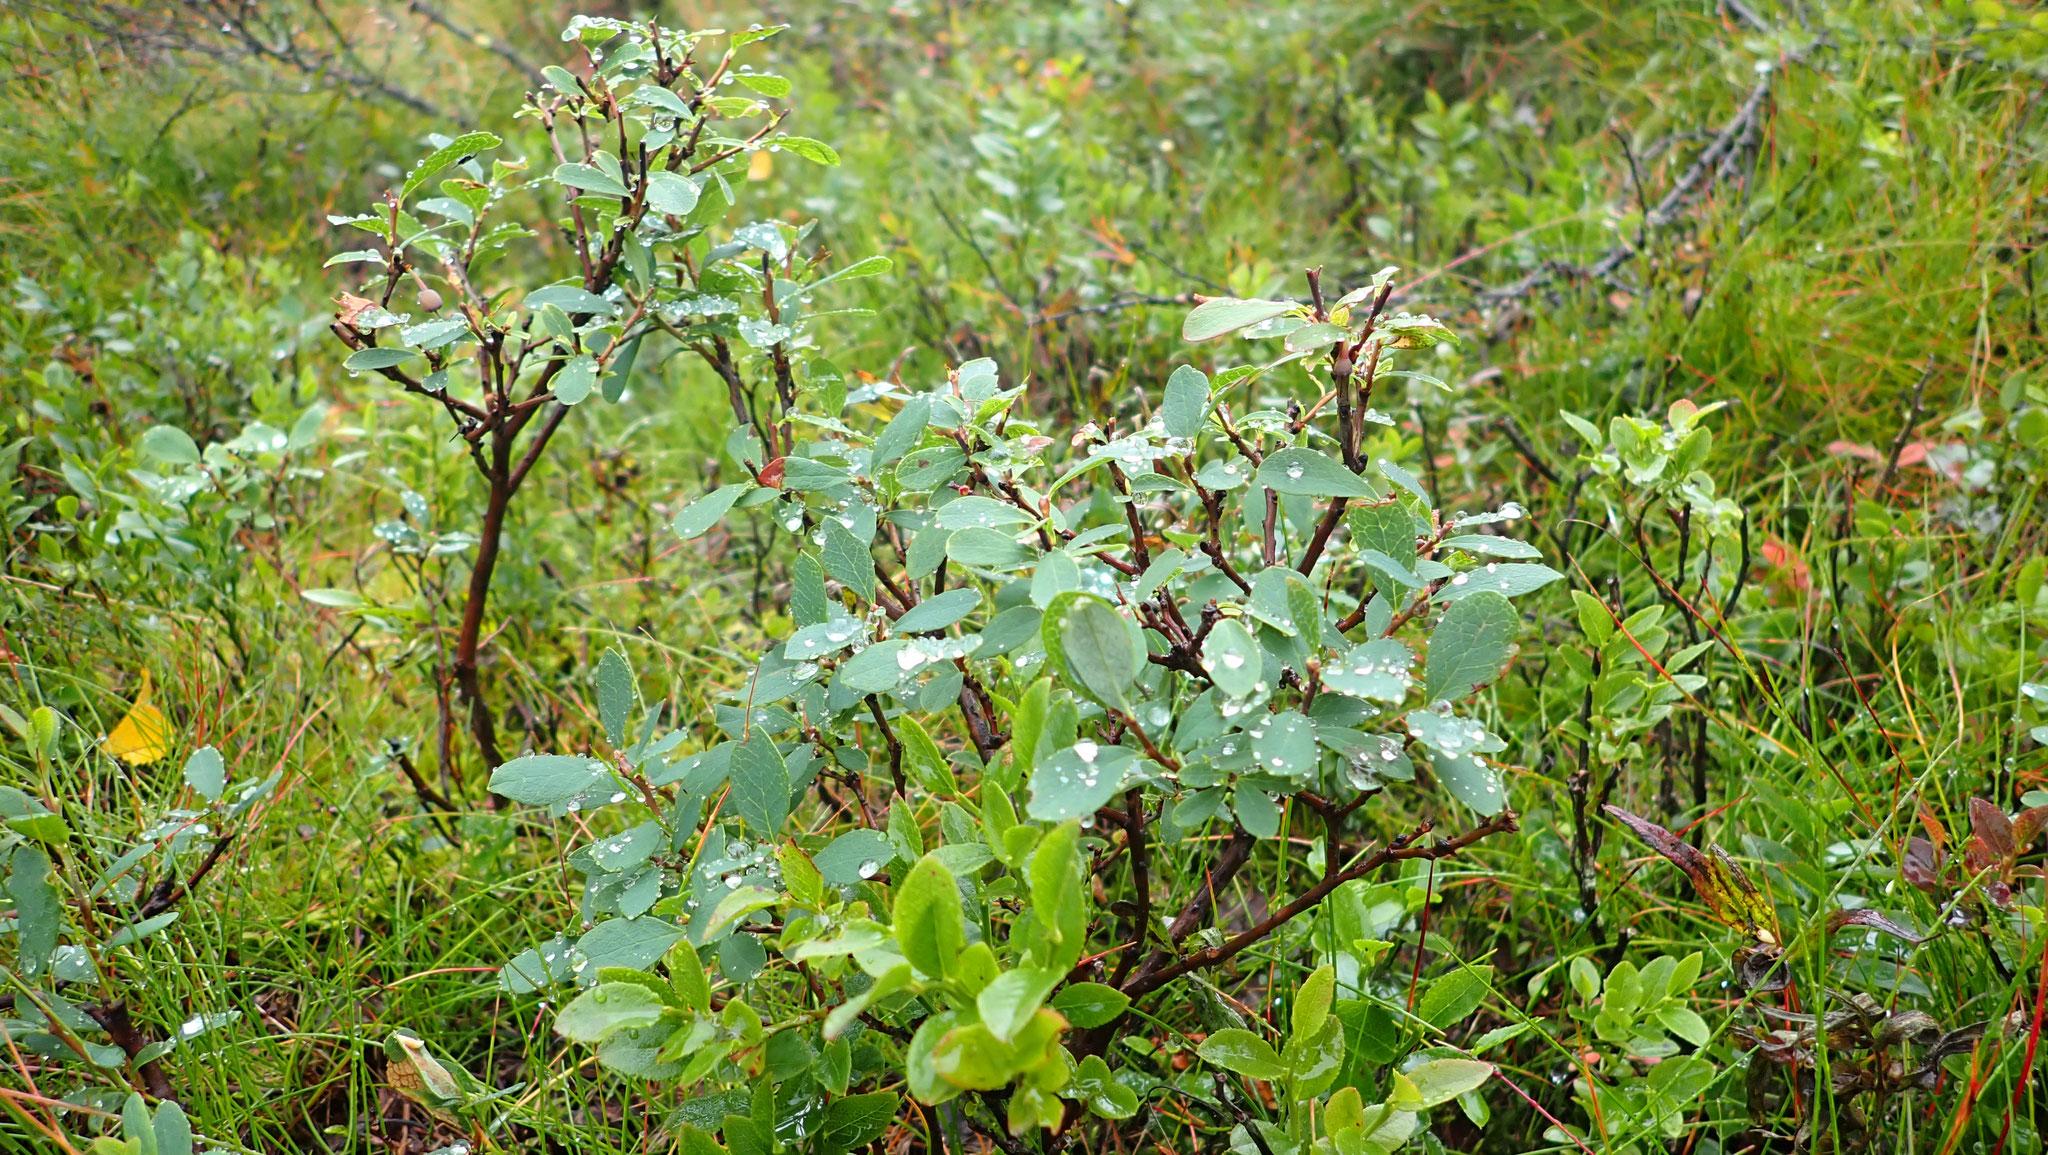 Rauschbeerpflanze